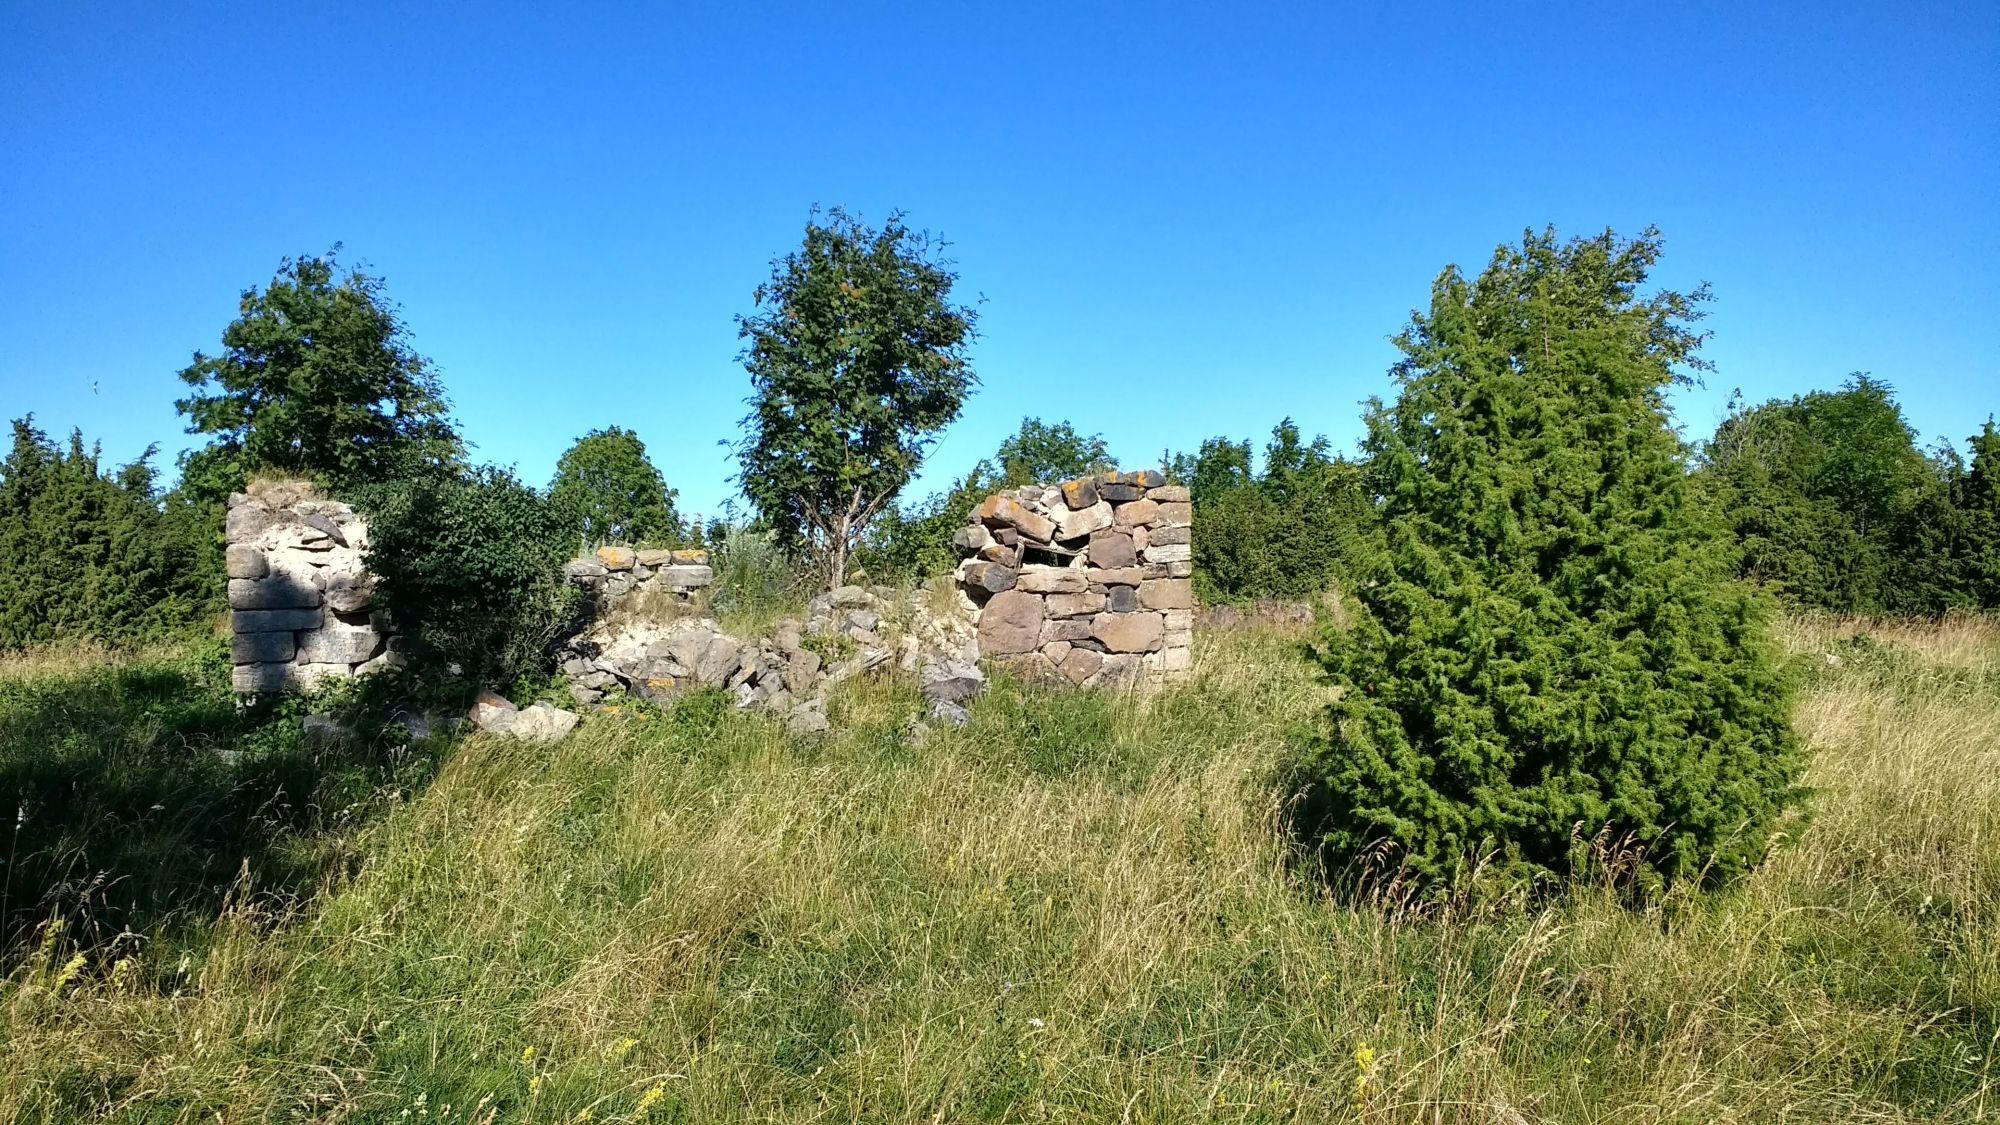 Jäljed kunagisest asustusest on veel nähtavad.